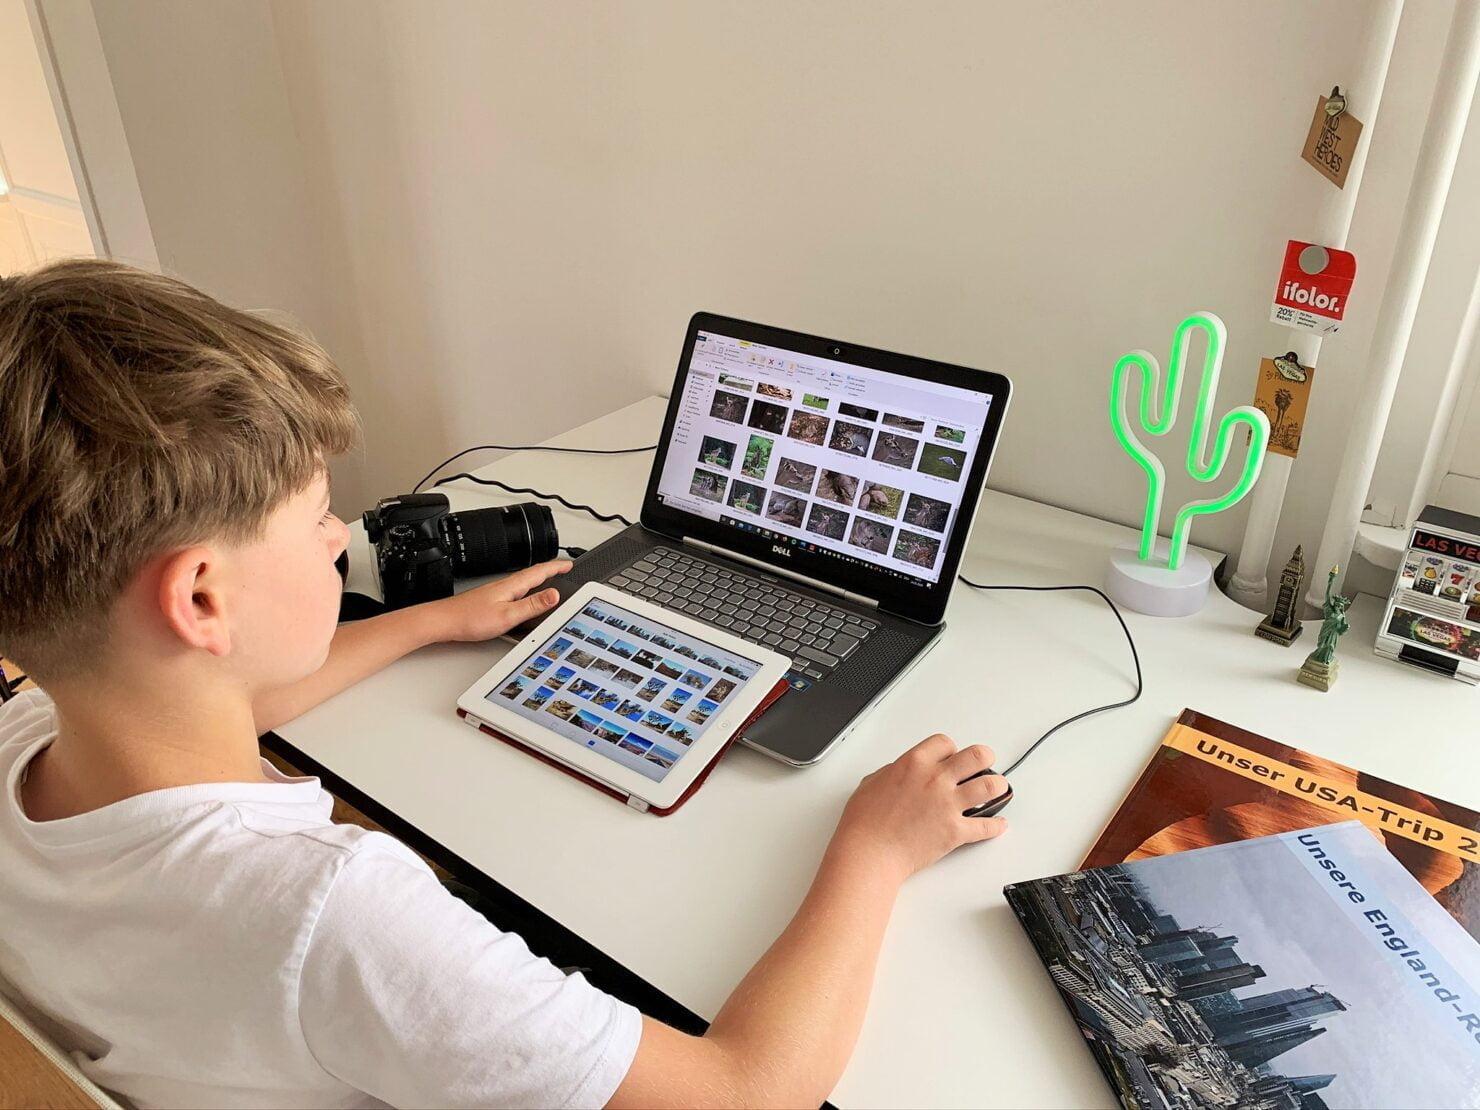 Der Kleine macht die Vorselektion für sein erstes Fotobuch-Projekt